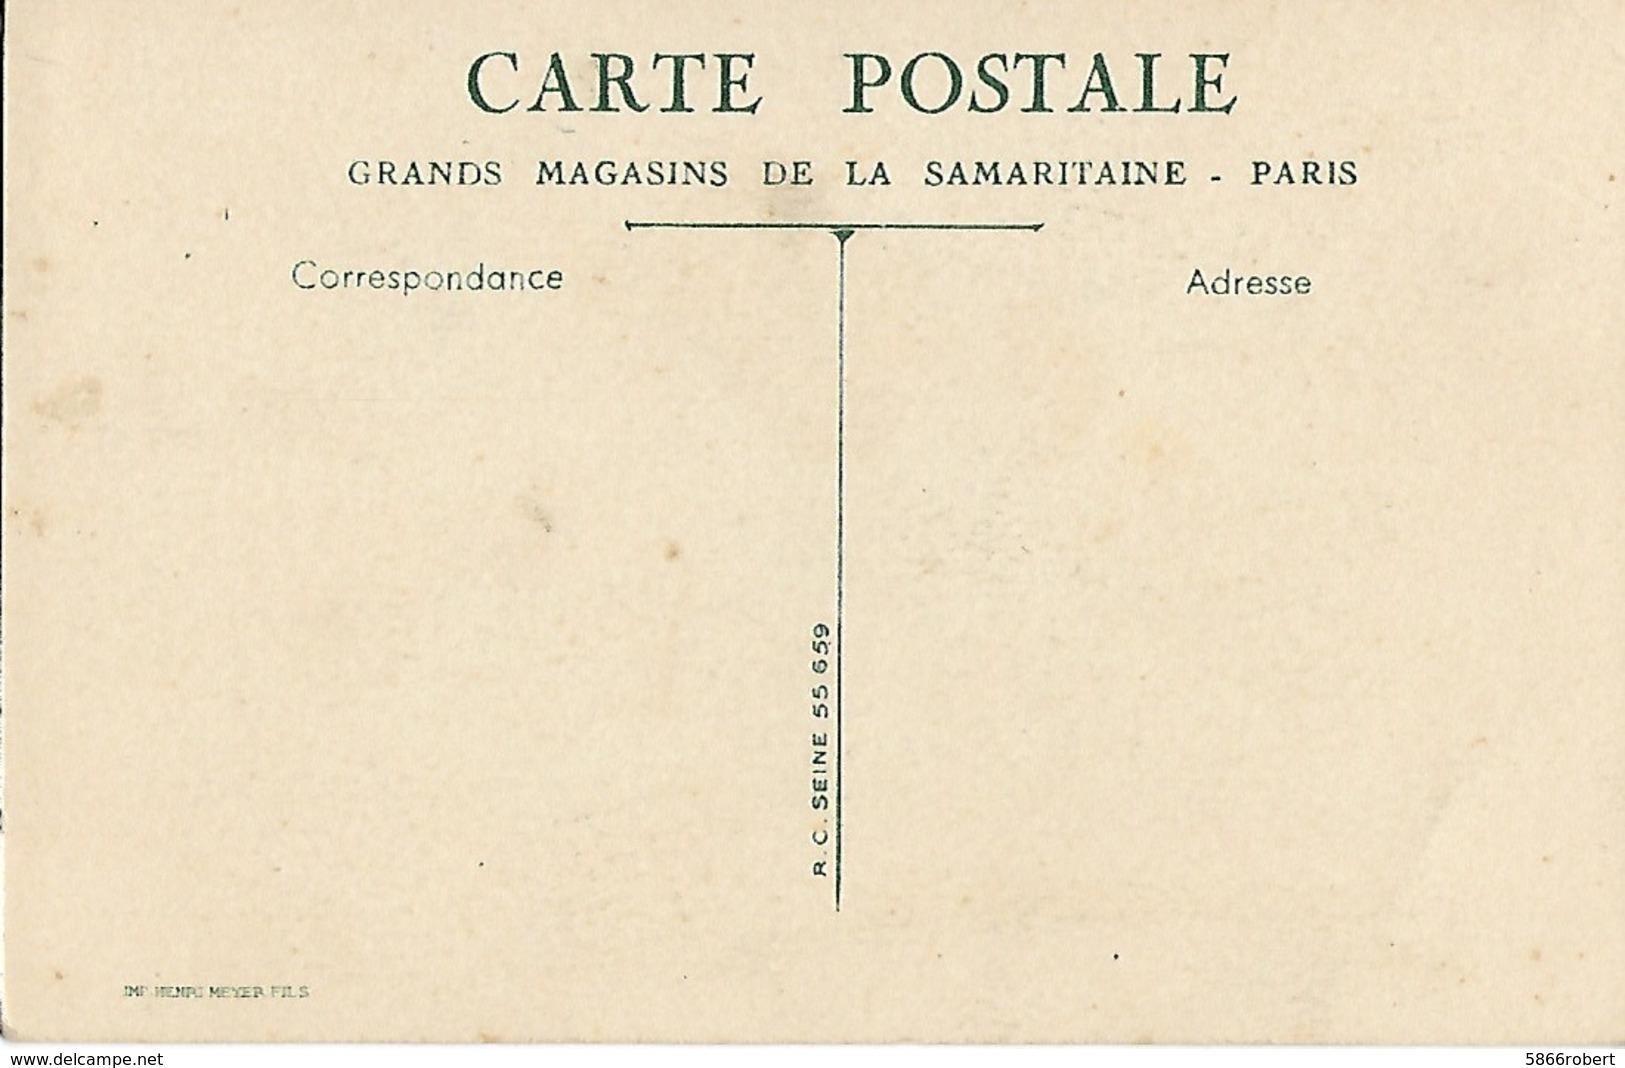 CARTE POSTALE ORIGINALE ANCIENNE DE GERMAINE BOURRET 1936  : LES FEMMES , C'EST GENTIL , MAIS C'EST COUTEUX ! ... - Bouret, Germaine